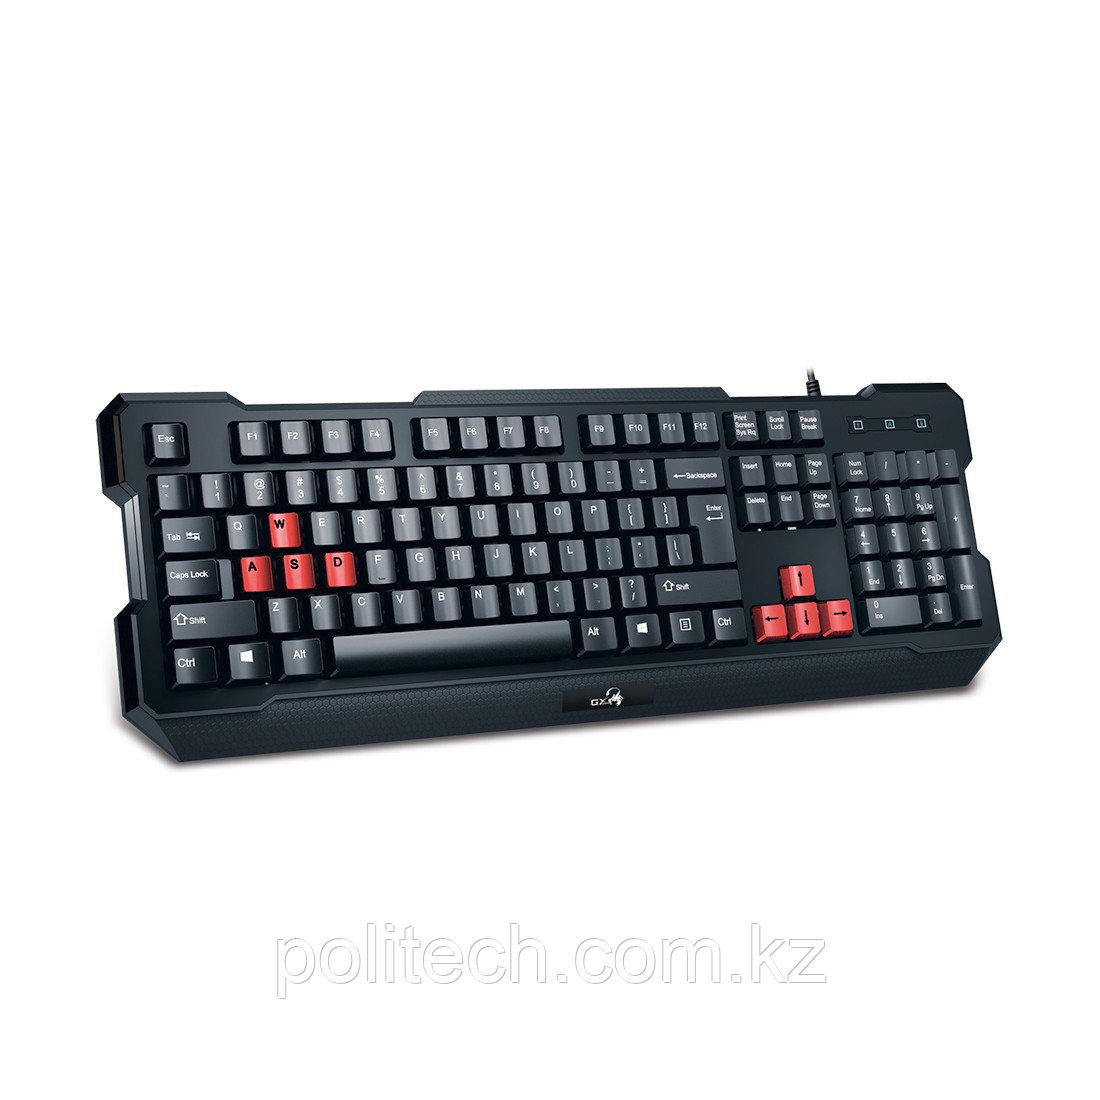 Клавиатура Genius Scorpion K210